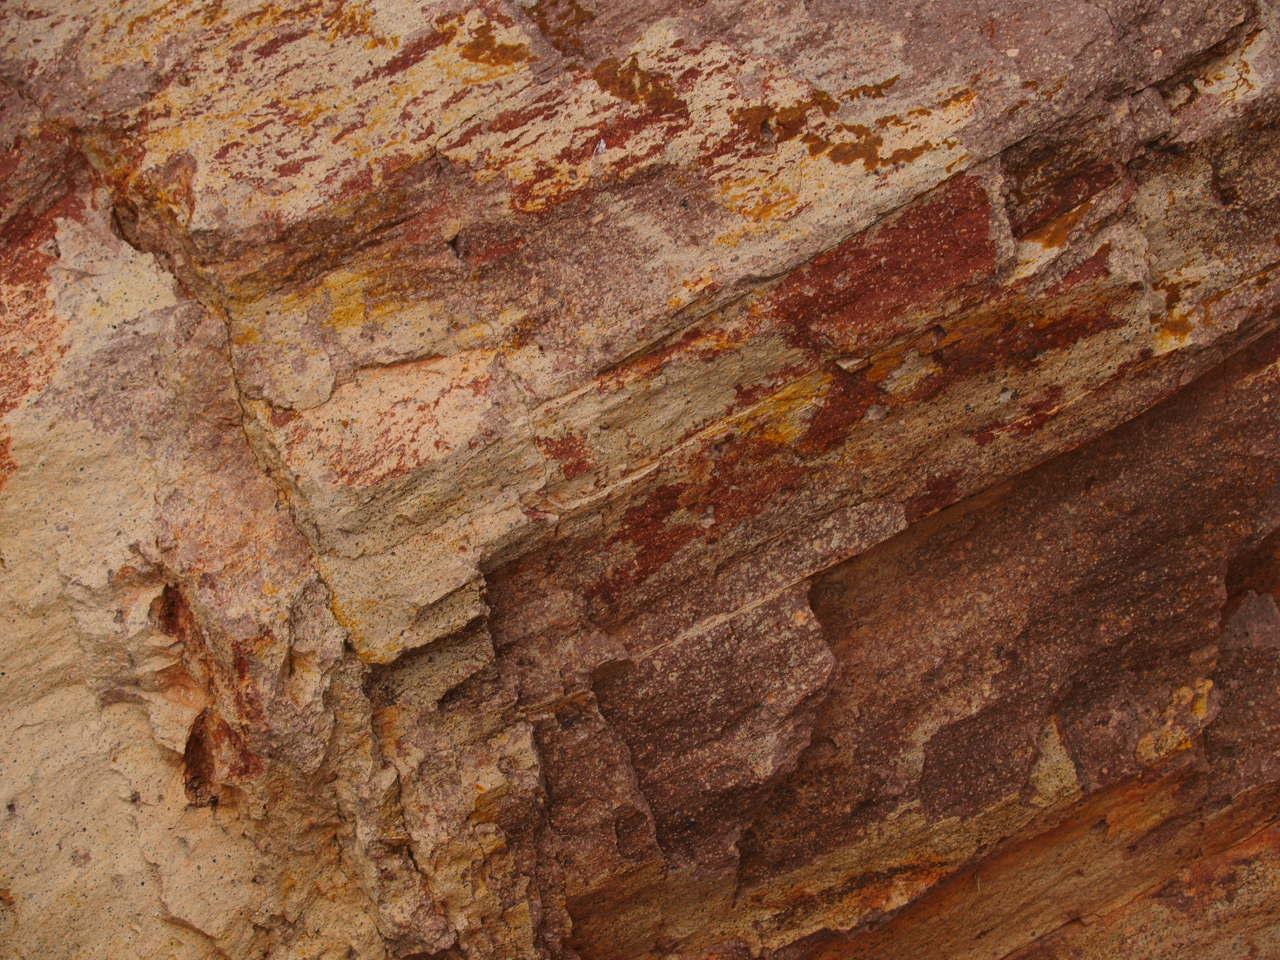 porfirowe skały o strukturze słupowej, stanowią organy wielisławskie